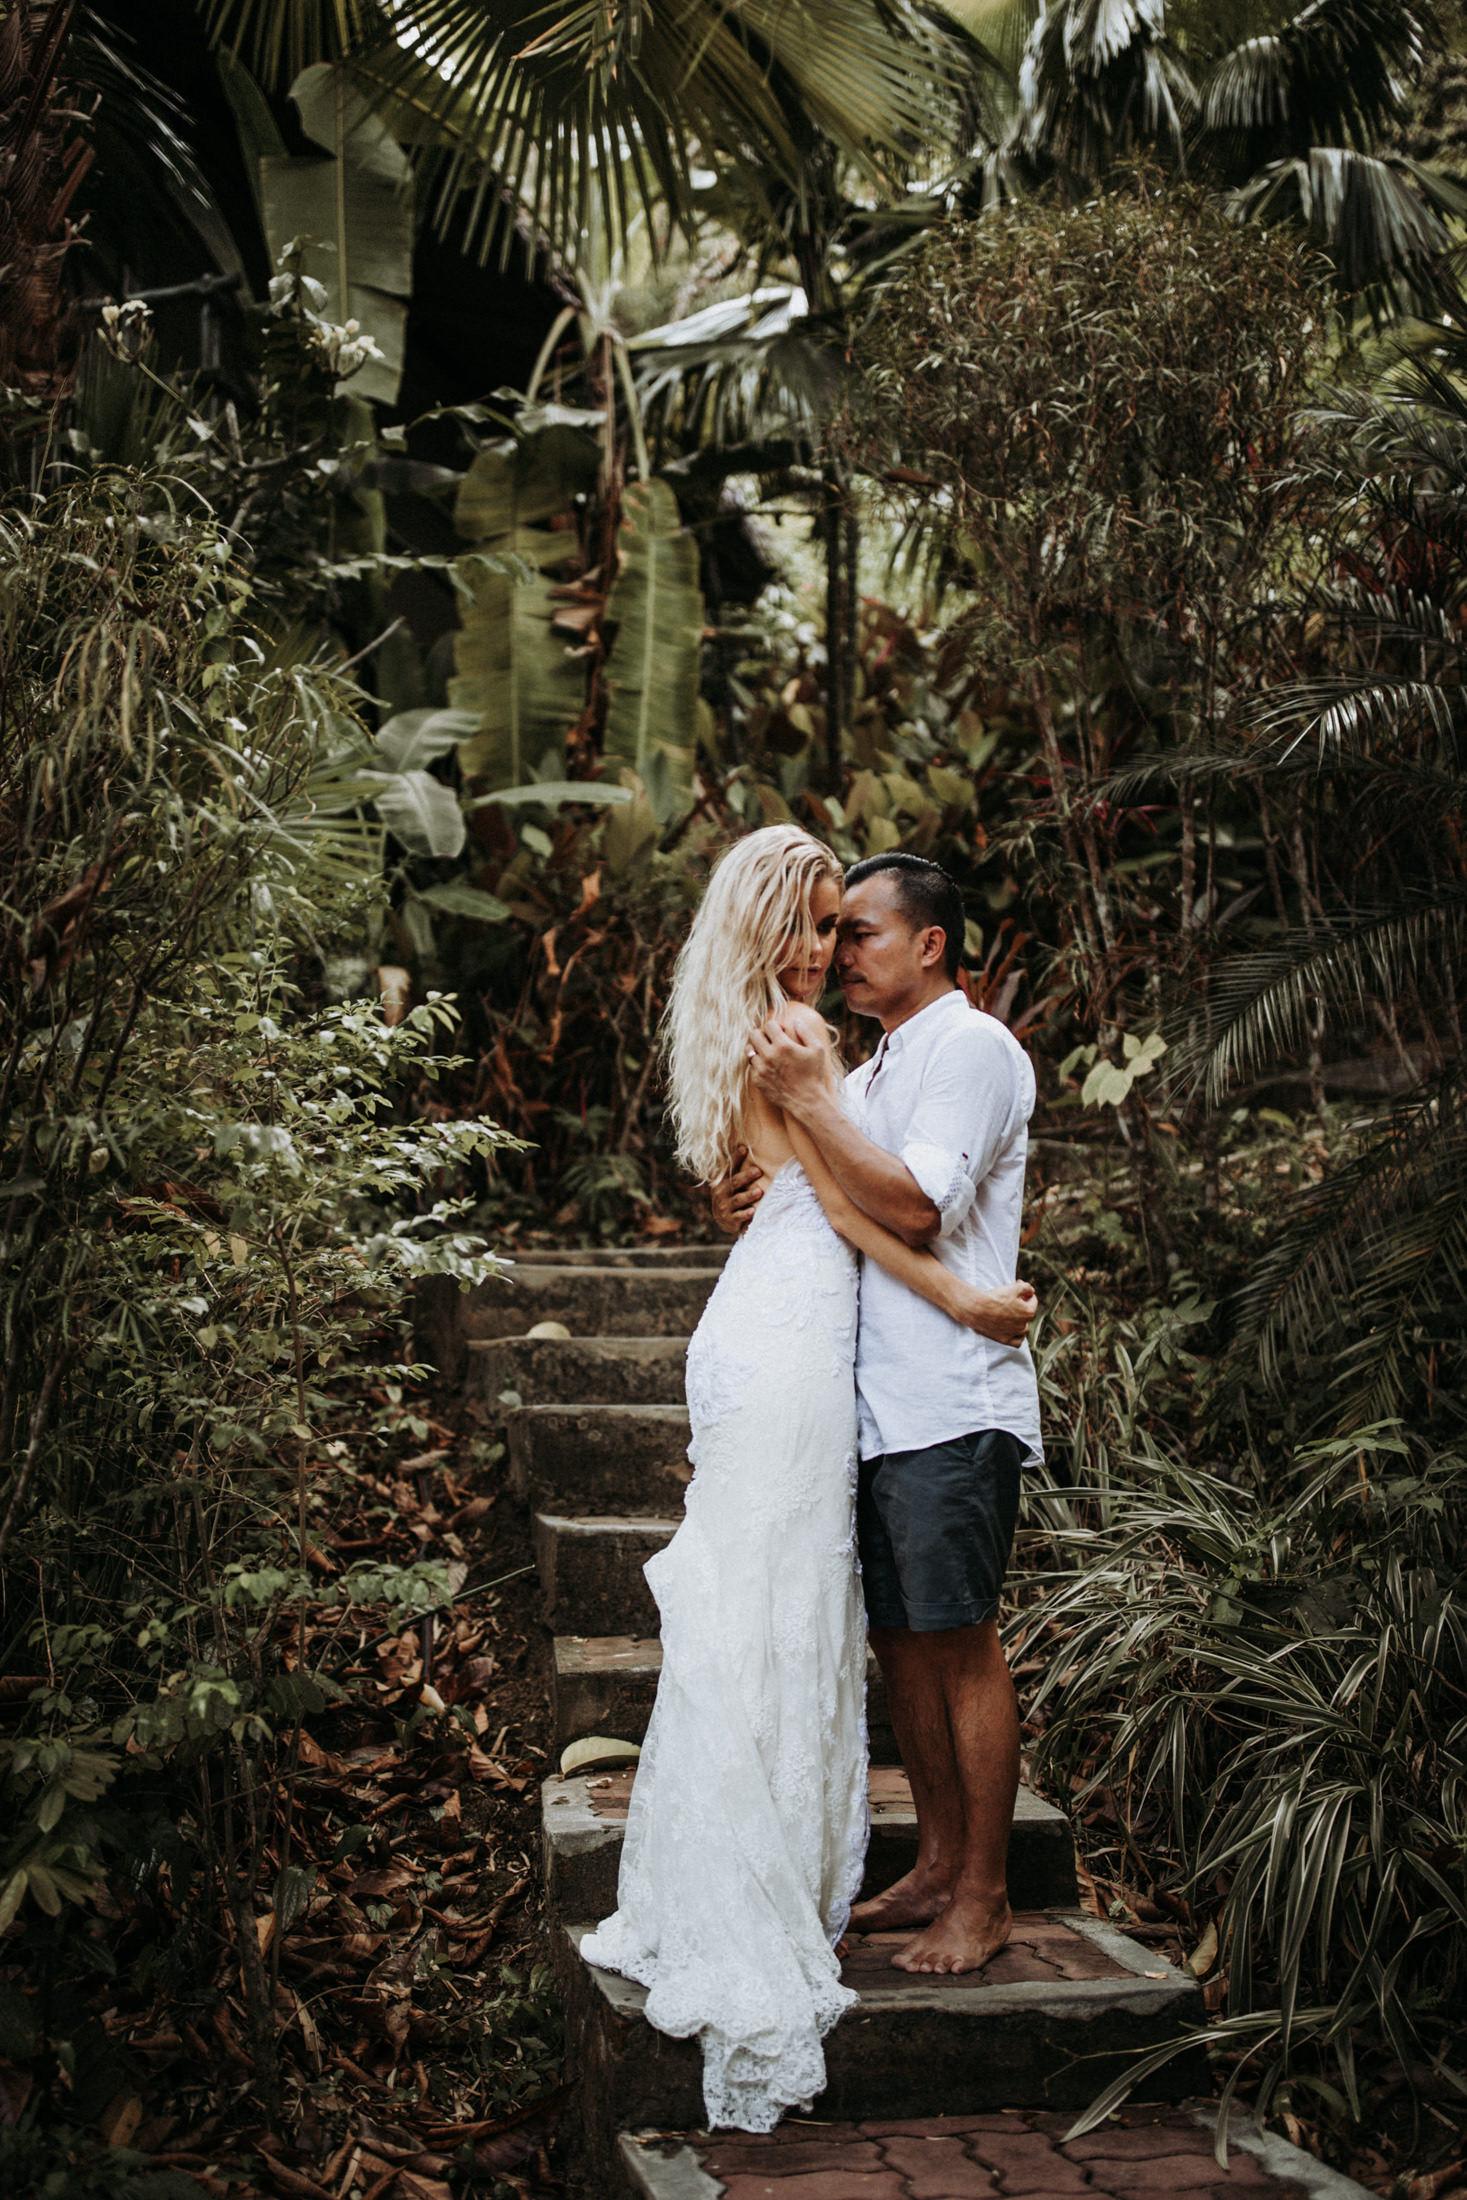 DanielaMarquardt_Wedding_Thailand_463